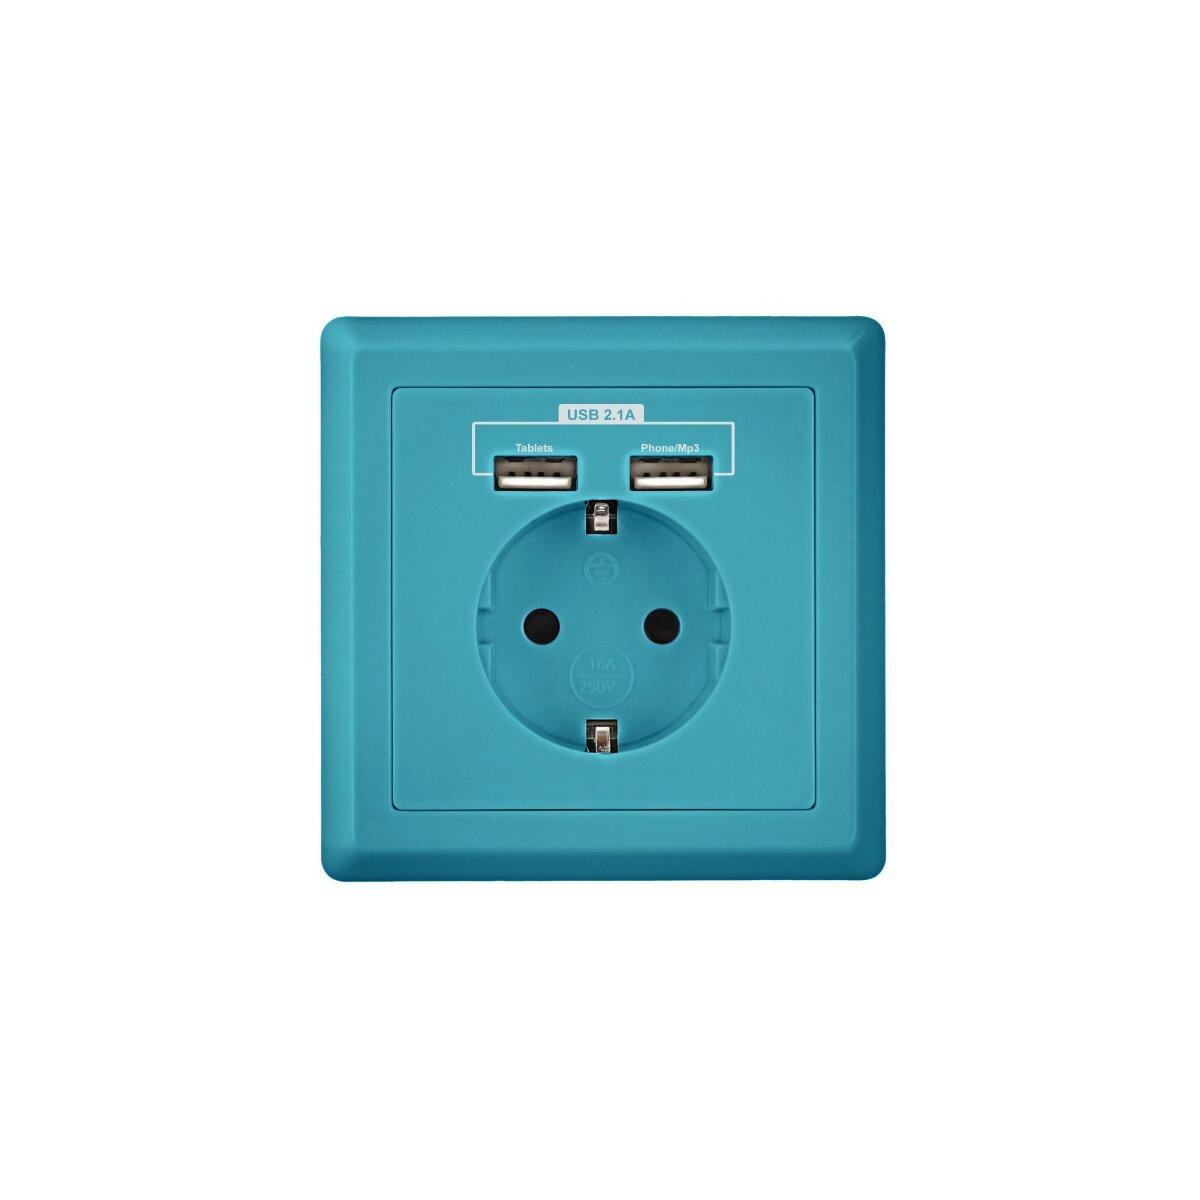 minadax schutzkontakt steckdose 230v 220v blau mit 2. Black Bedroom Furniture Sets. Home Design Ideas